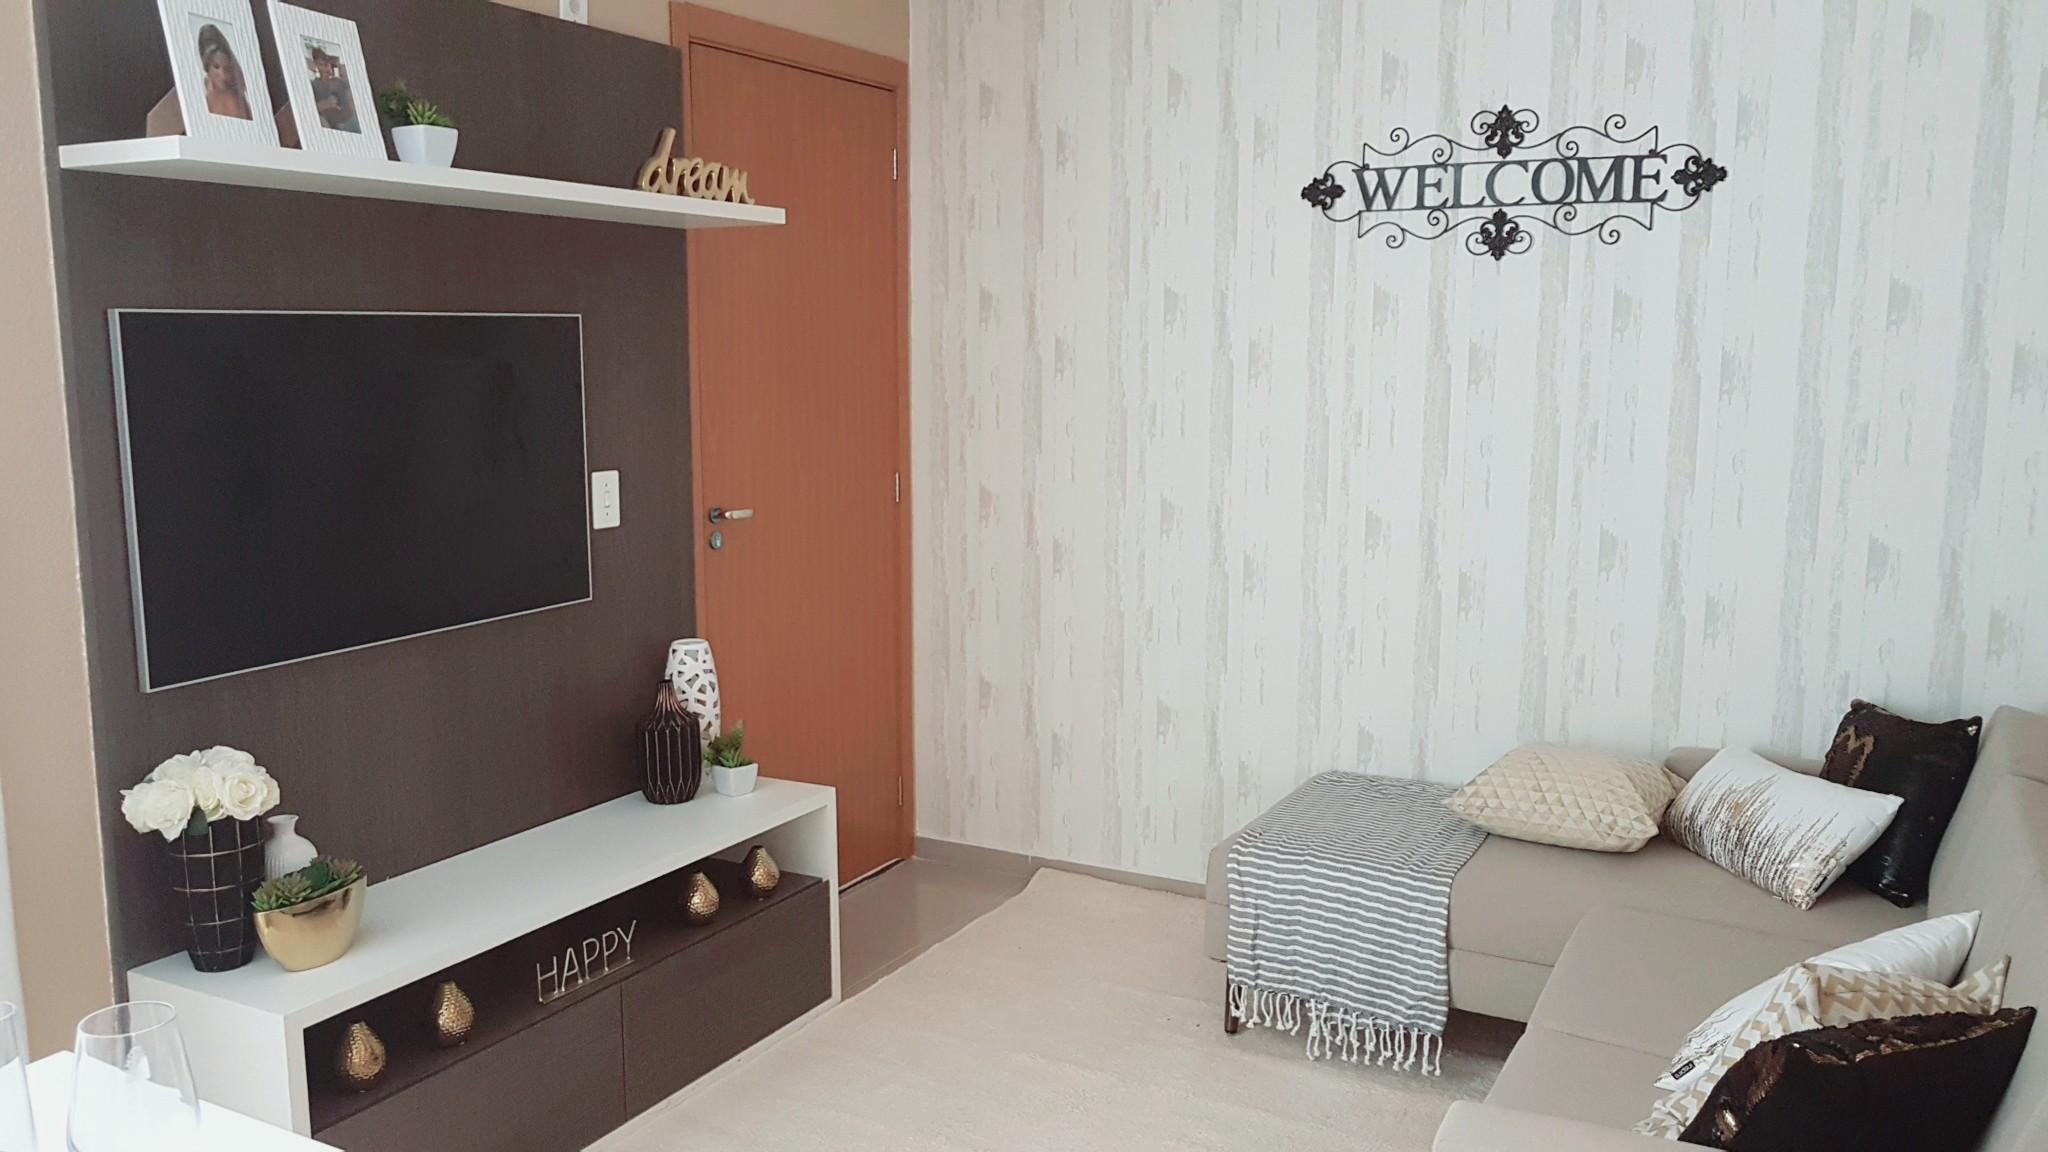 Di Rio De Taubat E Regi O Mrv Engenharia Lan A Apartamento  -> Apartamento Mrv Decorado Fotos